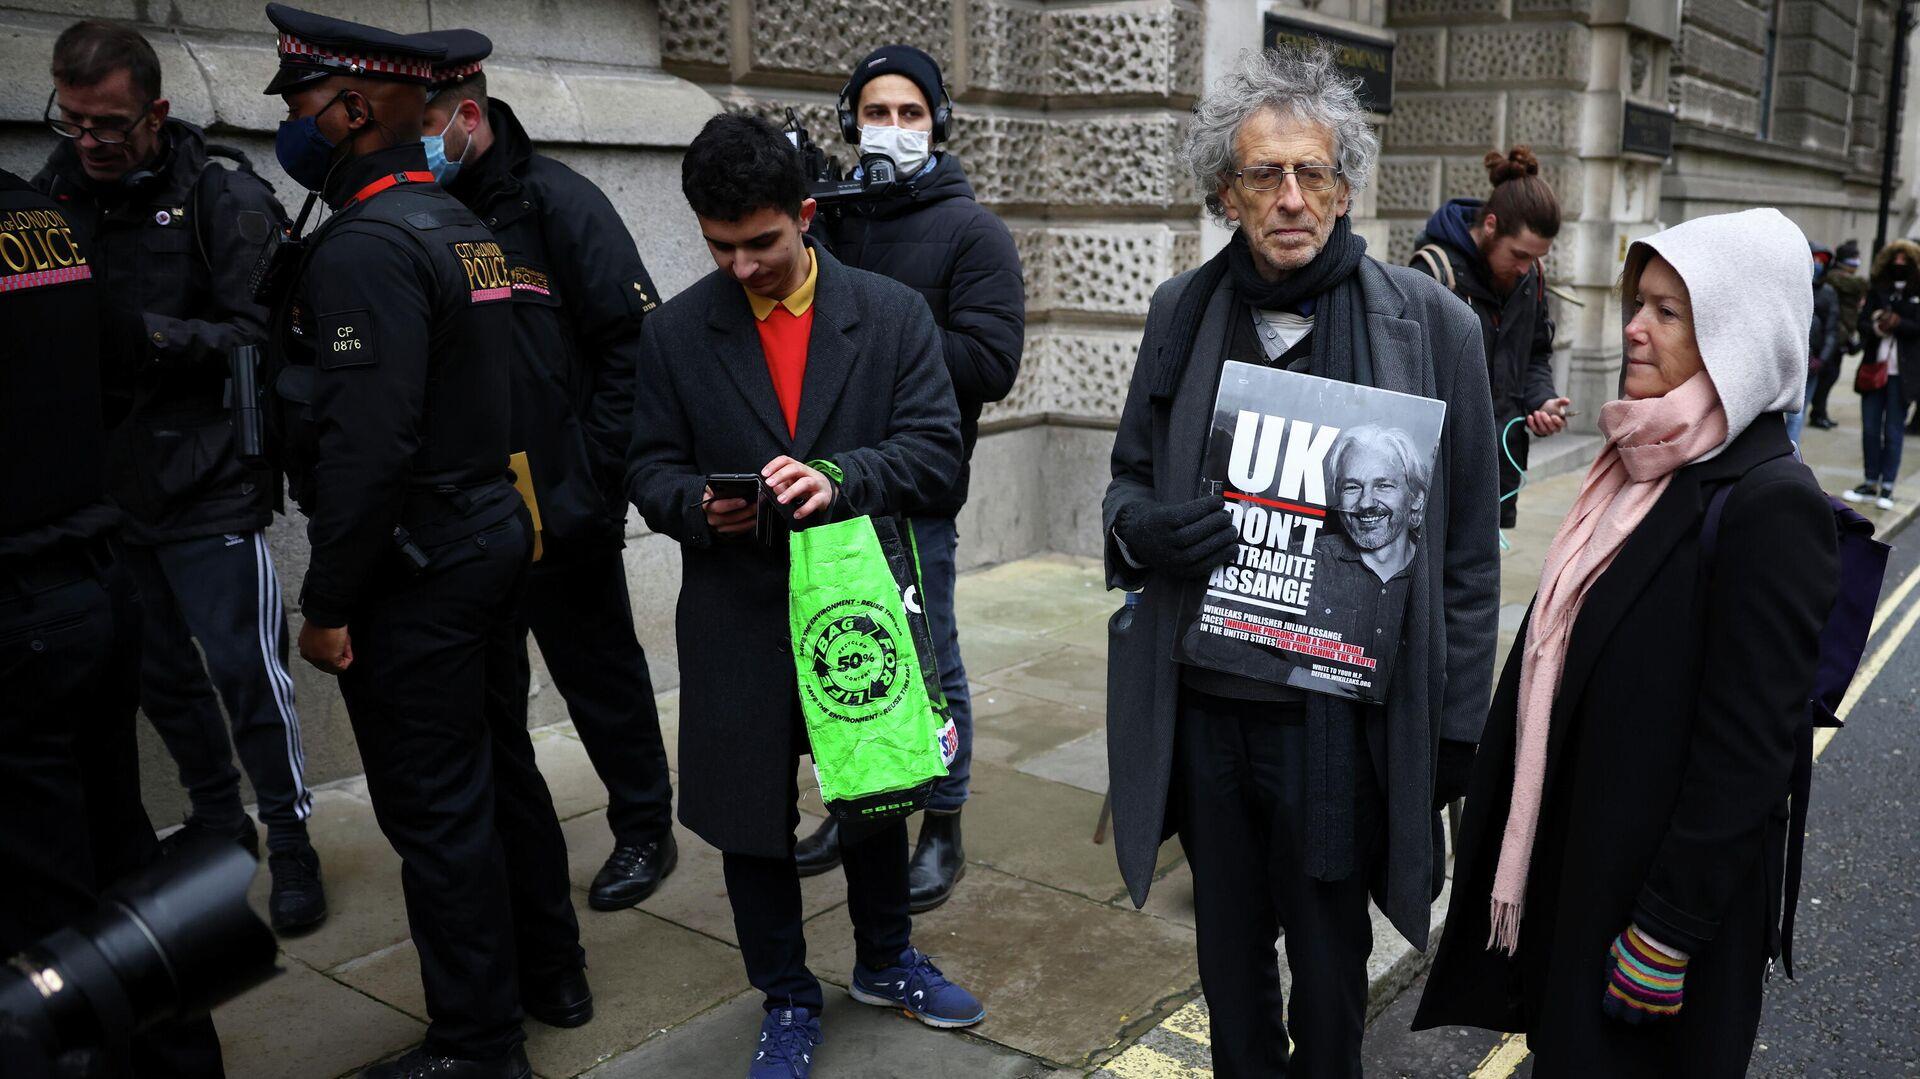 Акция в поддержку основателя WikiLeaks Джулиана Ассанжа возле Центрального уголовного суда в Лондоне - РИА Новости, 1920, 04.01.2021